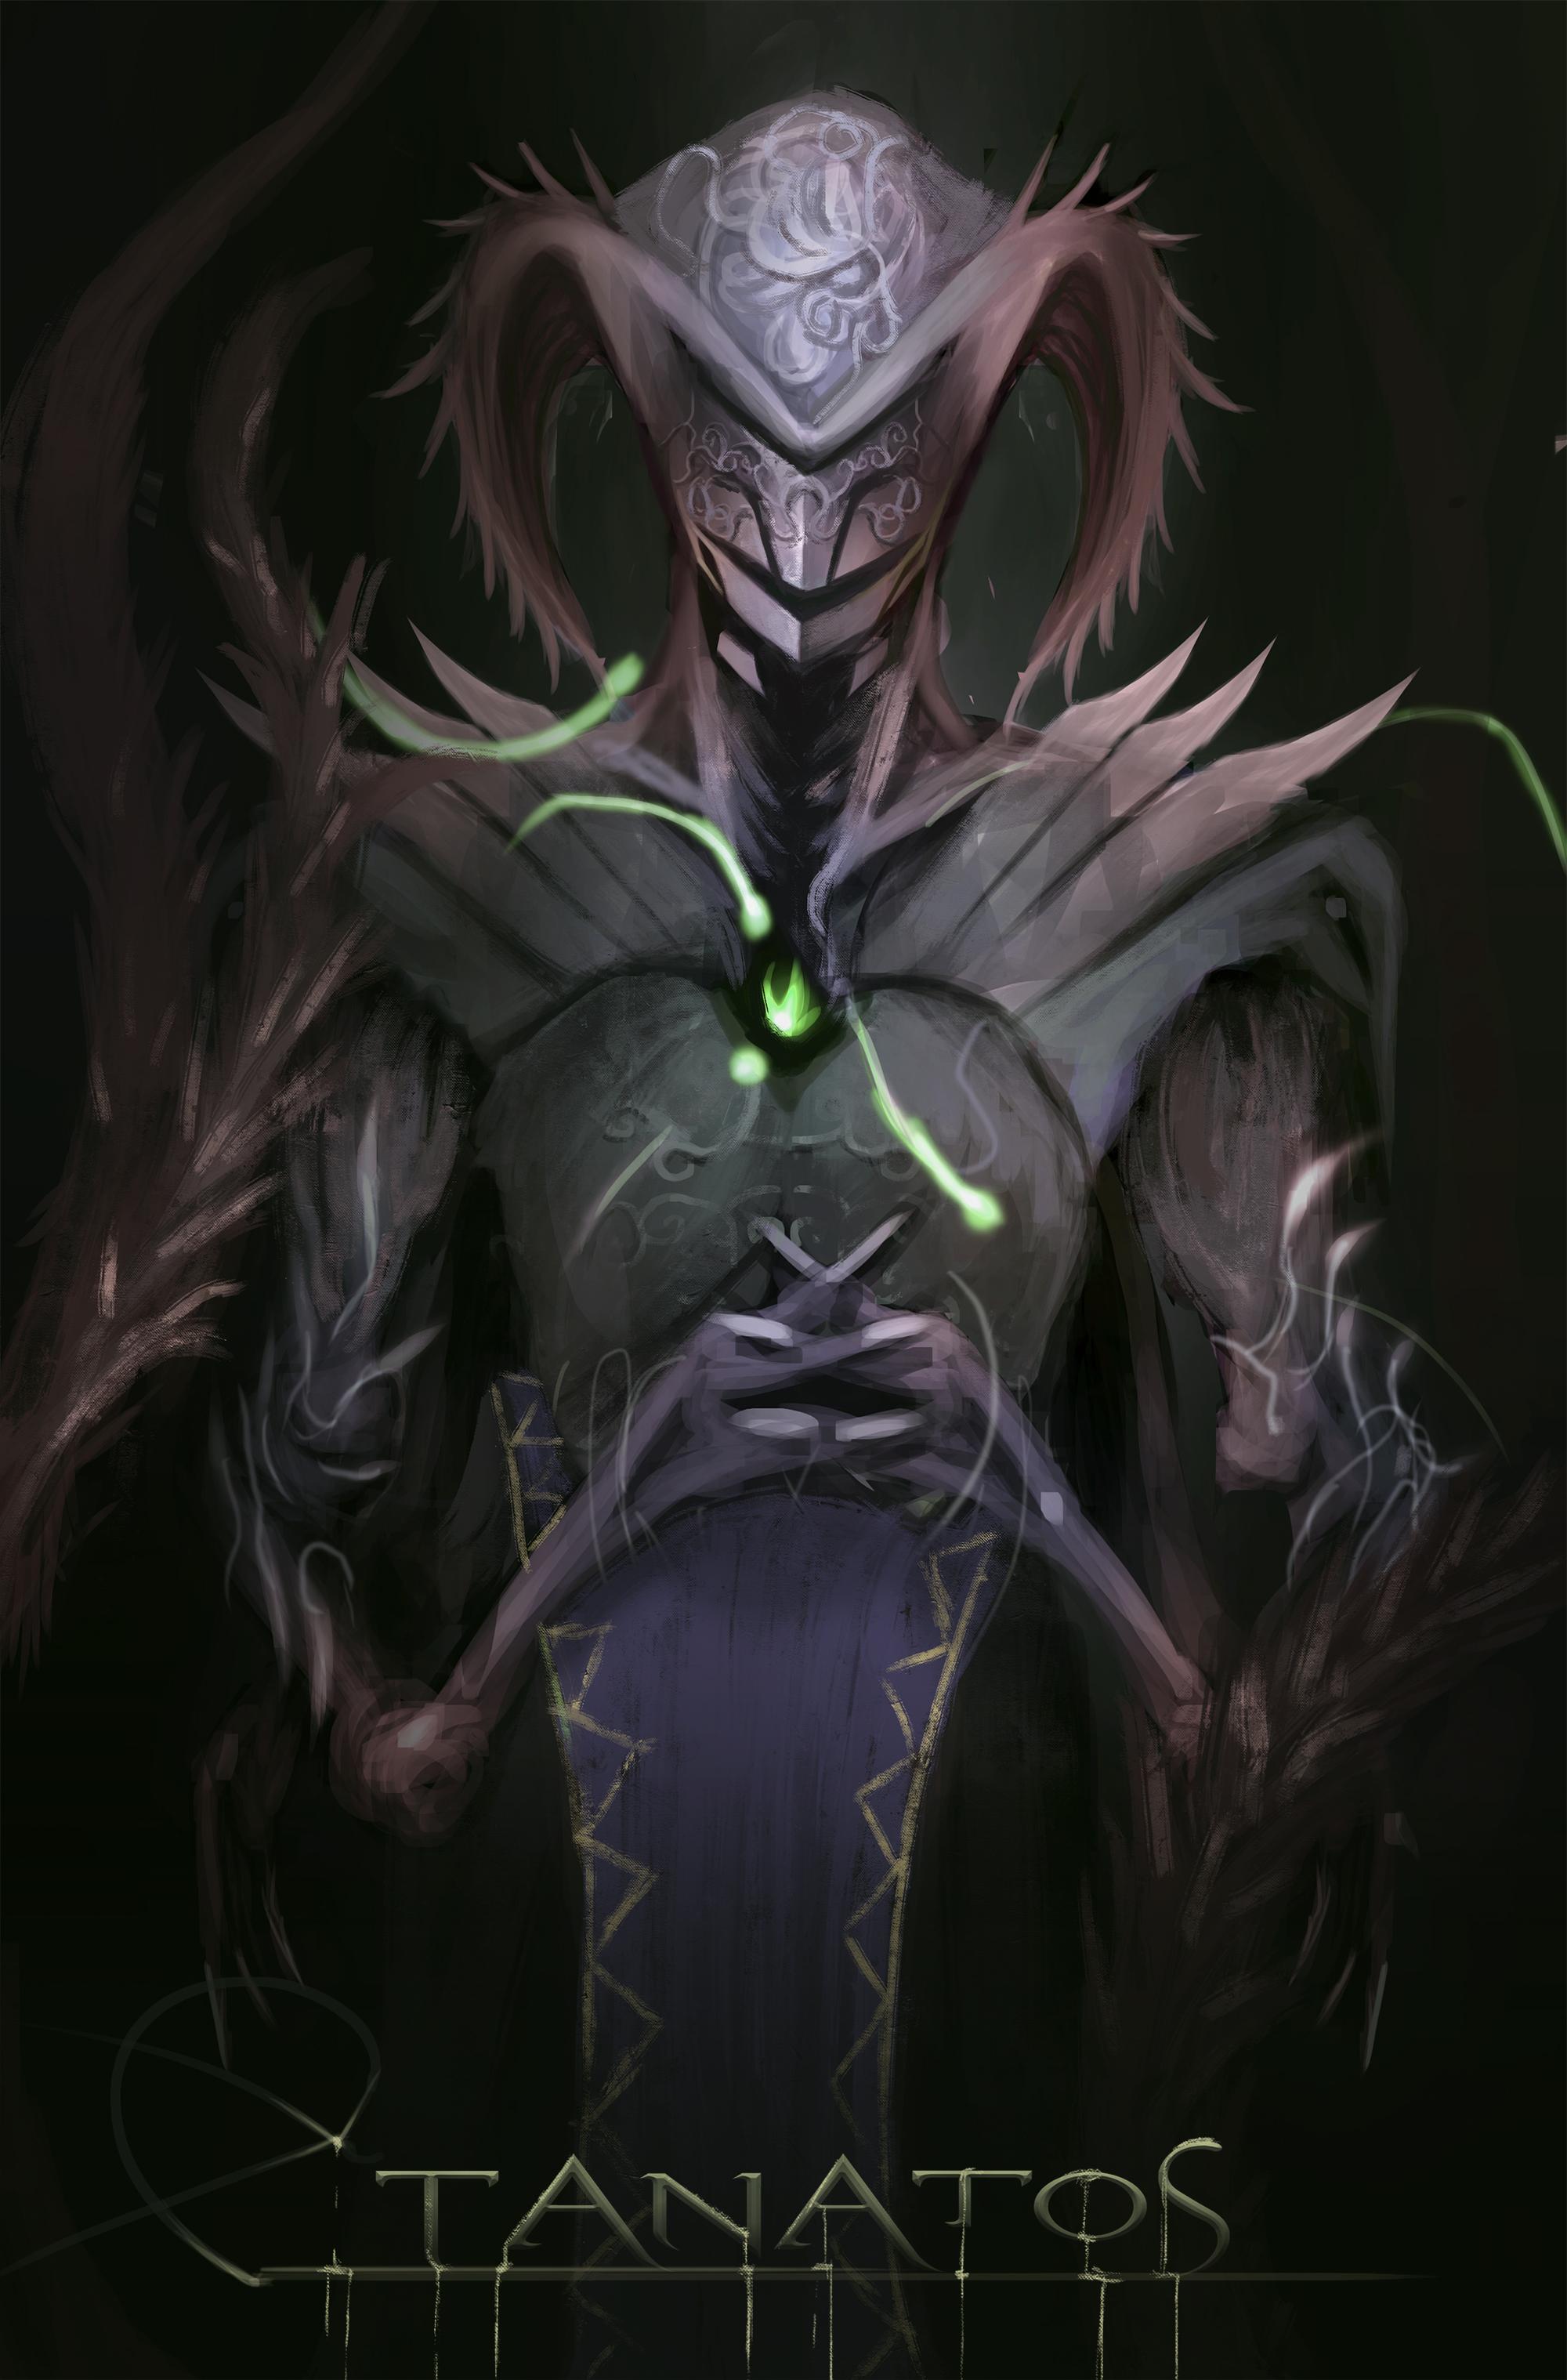 Tanatos God of Envy